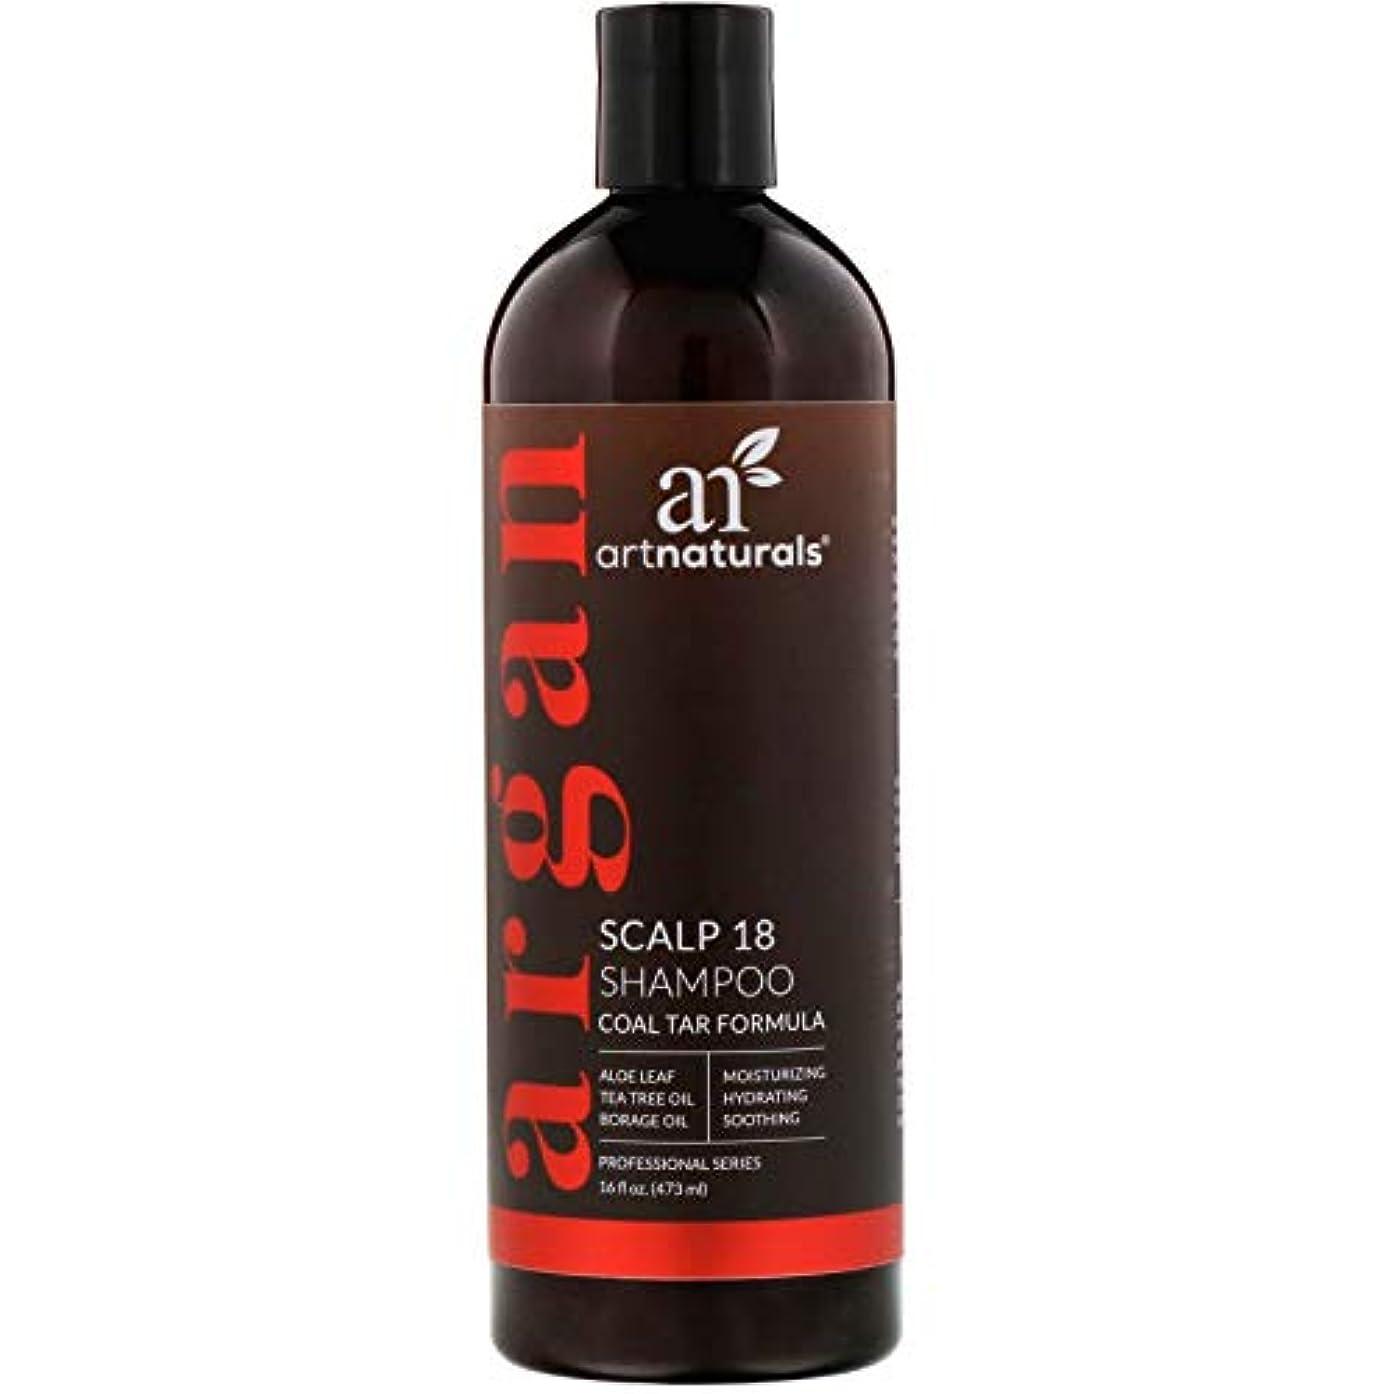 待って適応するステレオタイプArtnaturals Argan Scalp 18 Shampoo, 16 Ounce